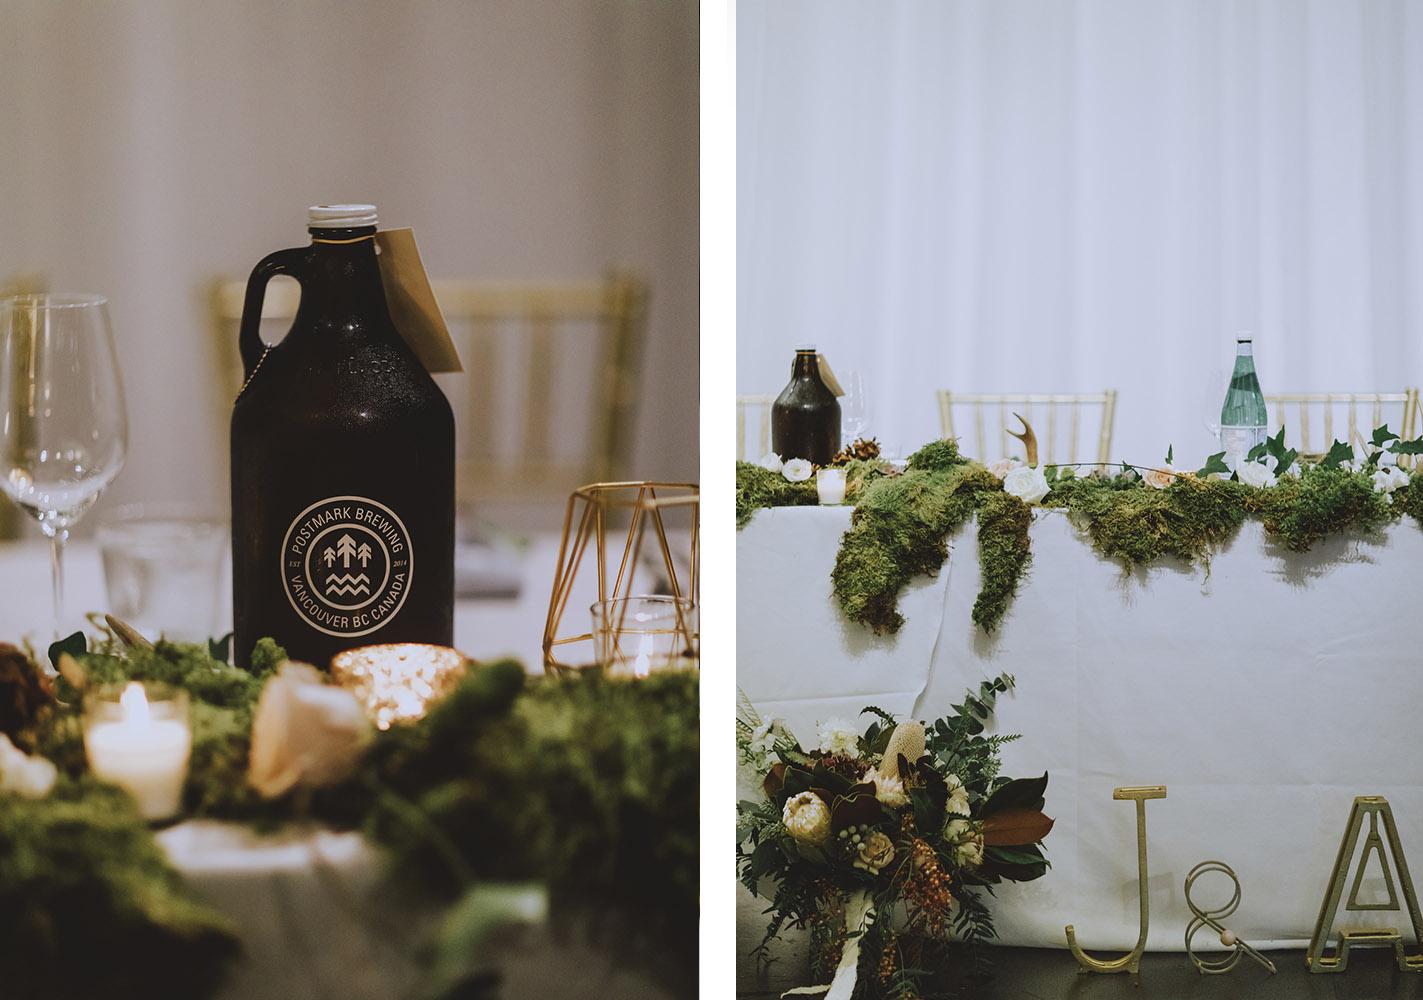 Rustic-Scandinavian-Inspired-Vancouver-Wedding-Roundhouse-wedding-photography-34.jpg